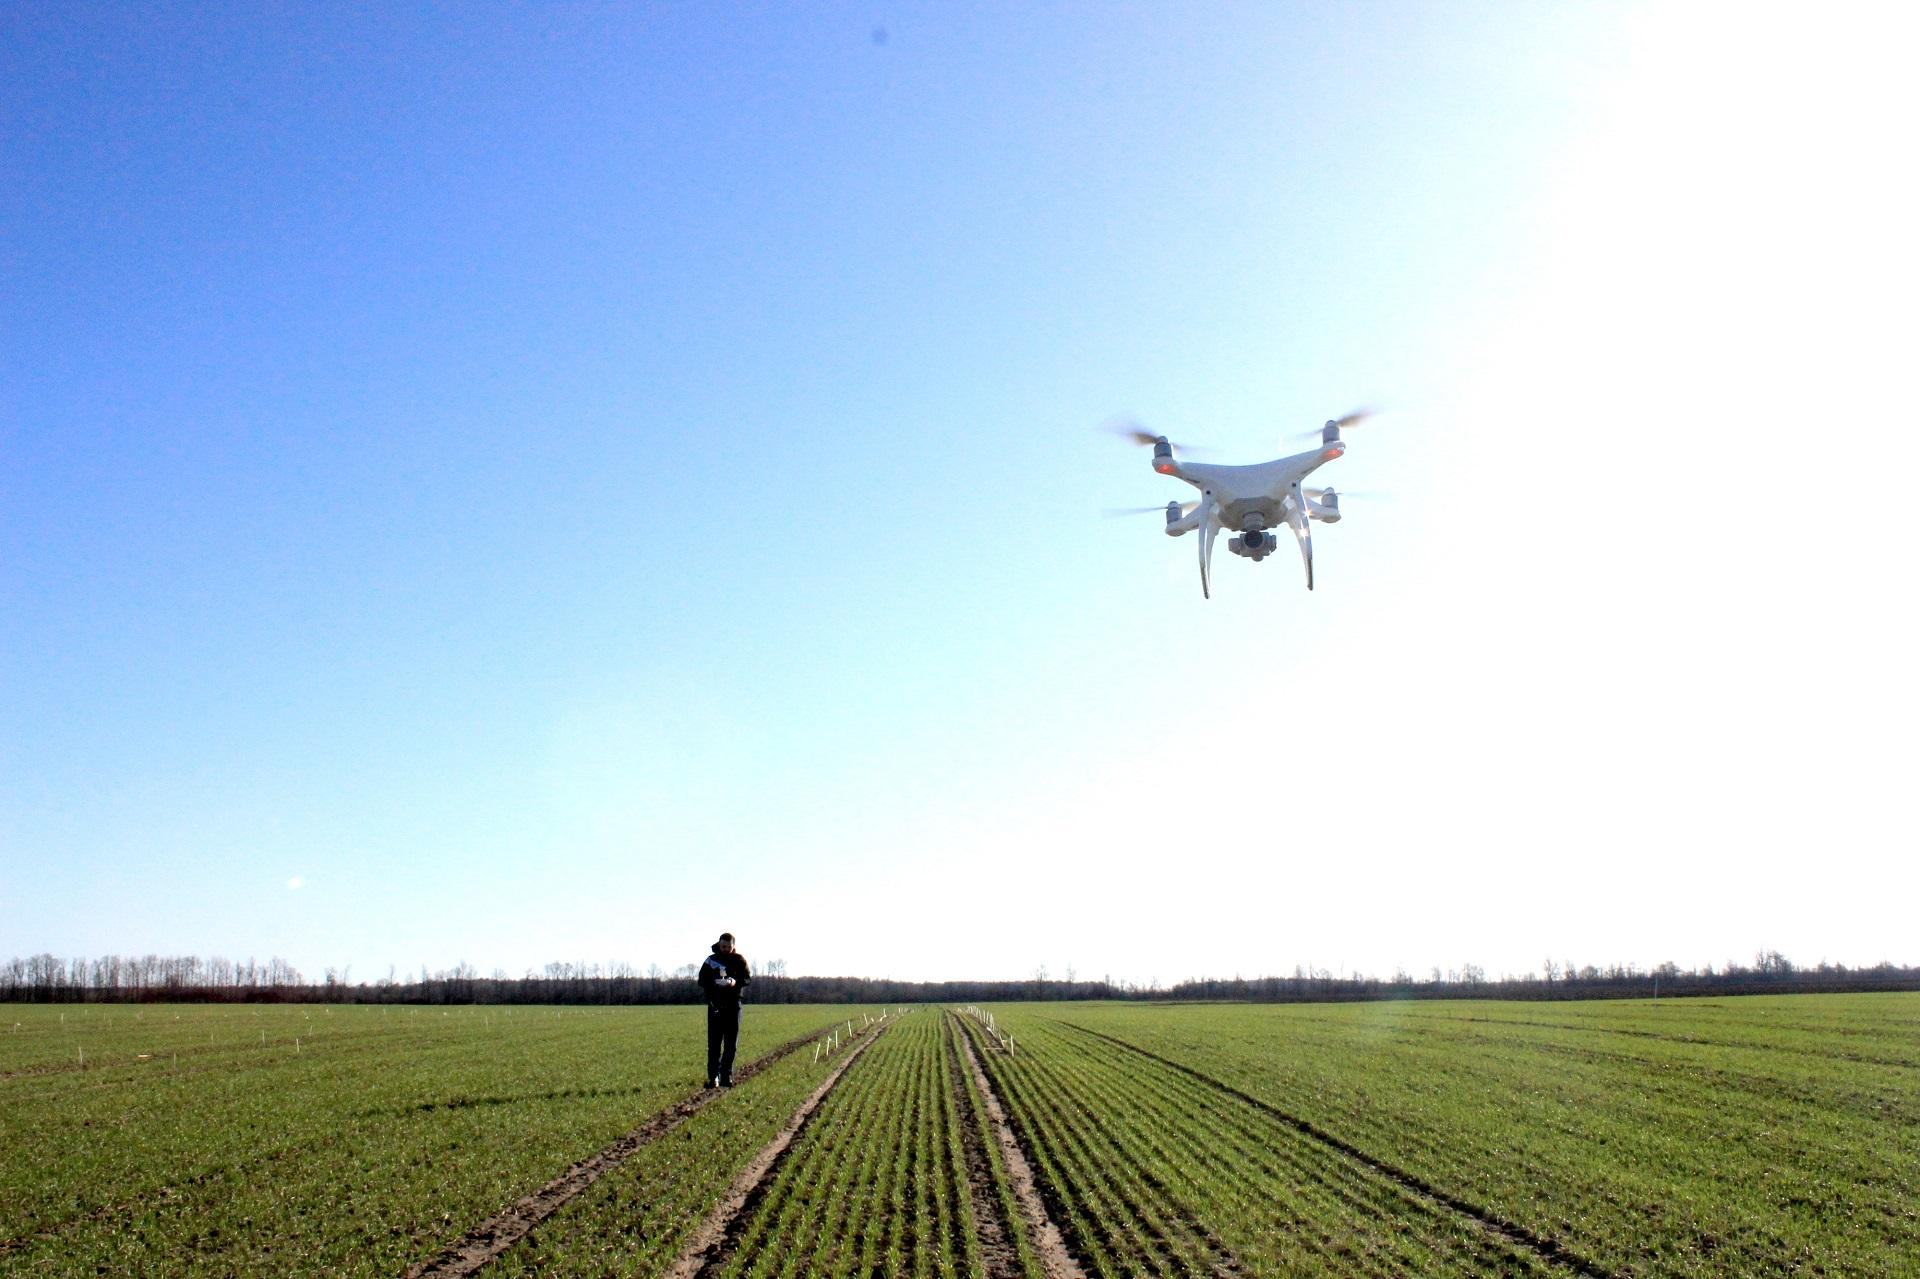 Su bepločiu orlaiviu, kuriame įmontuota itin aukštos raiškos RGB video ir foto kamera, padarytomis aerofotografijomis galima analizuoti ypač daug duomenų, kurie svarbūs praktinei žemės ūkio, statybų ir kitų sektorių veiklai. Asmeninio archyvo nuotr.